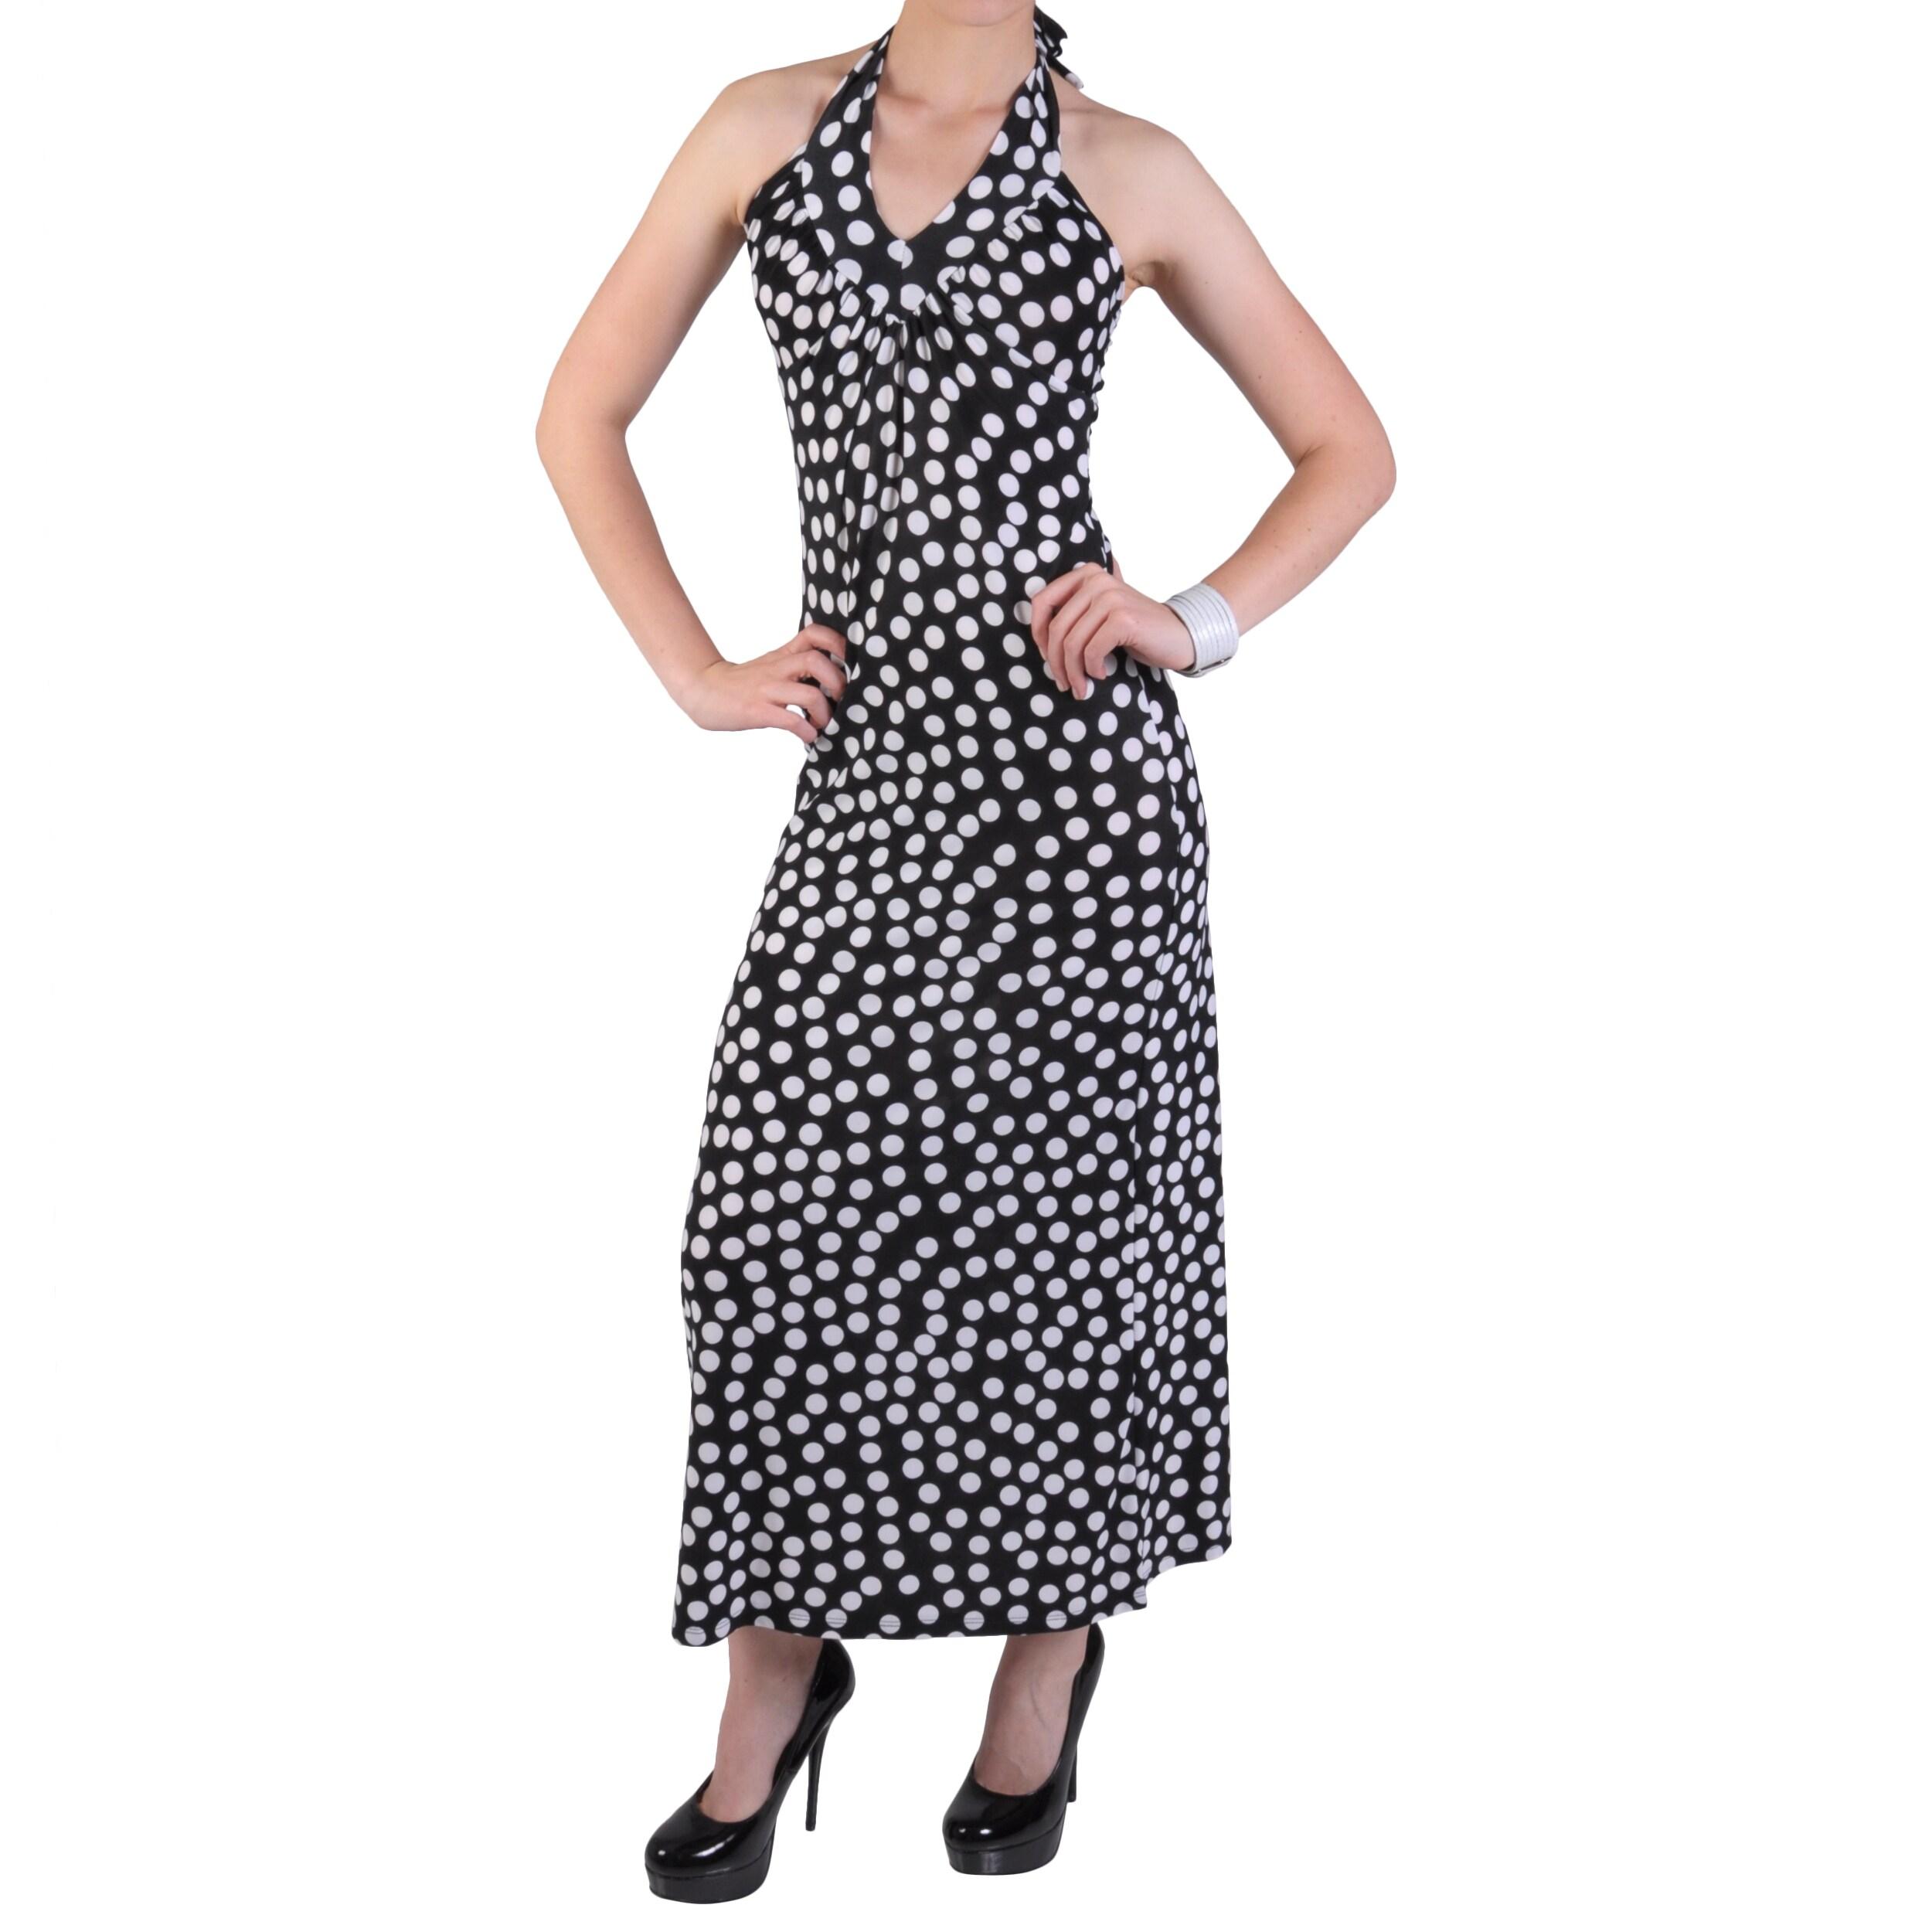 Journee Collection Juniors Polk-a-dot Print Halter Top Maxi Dress